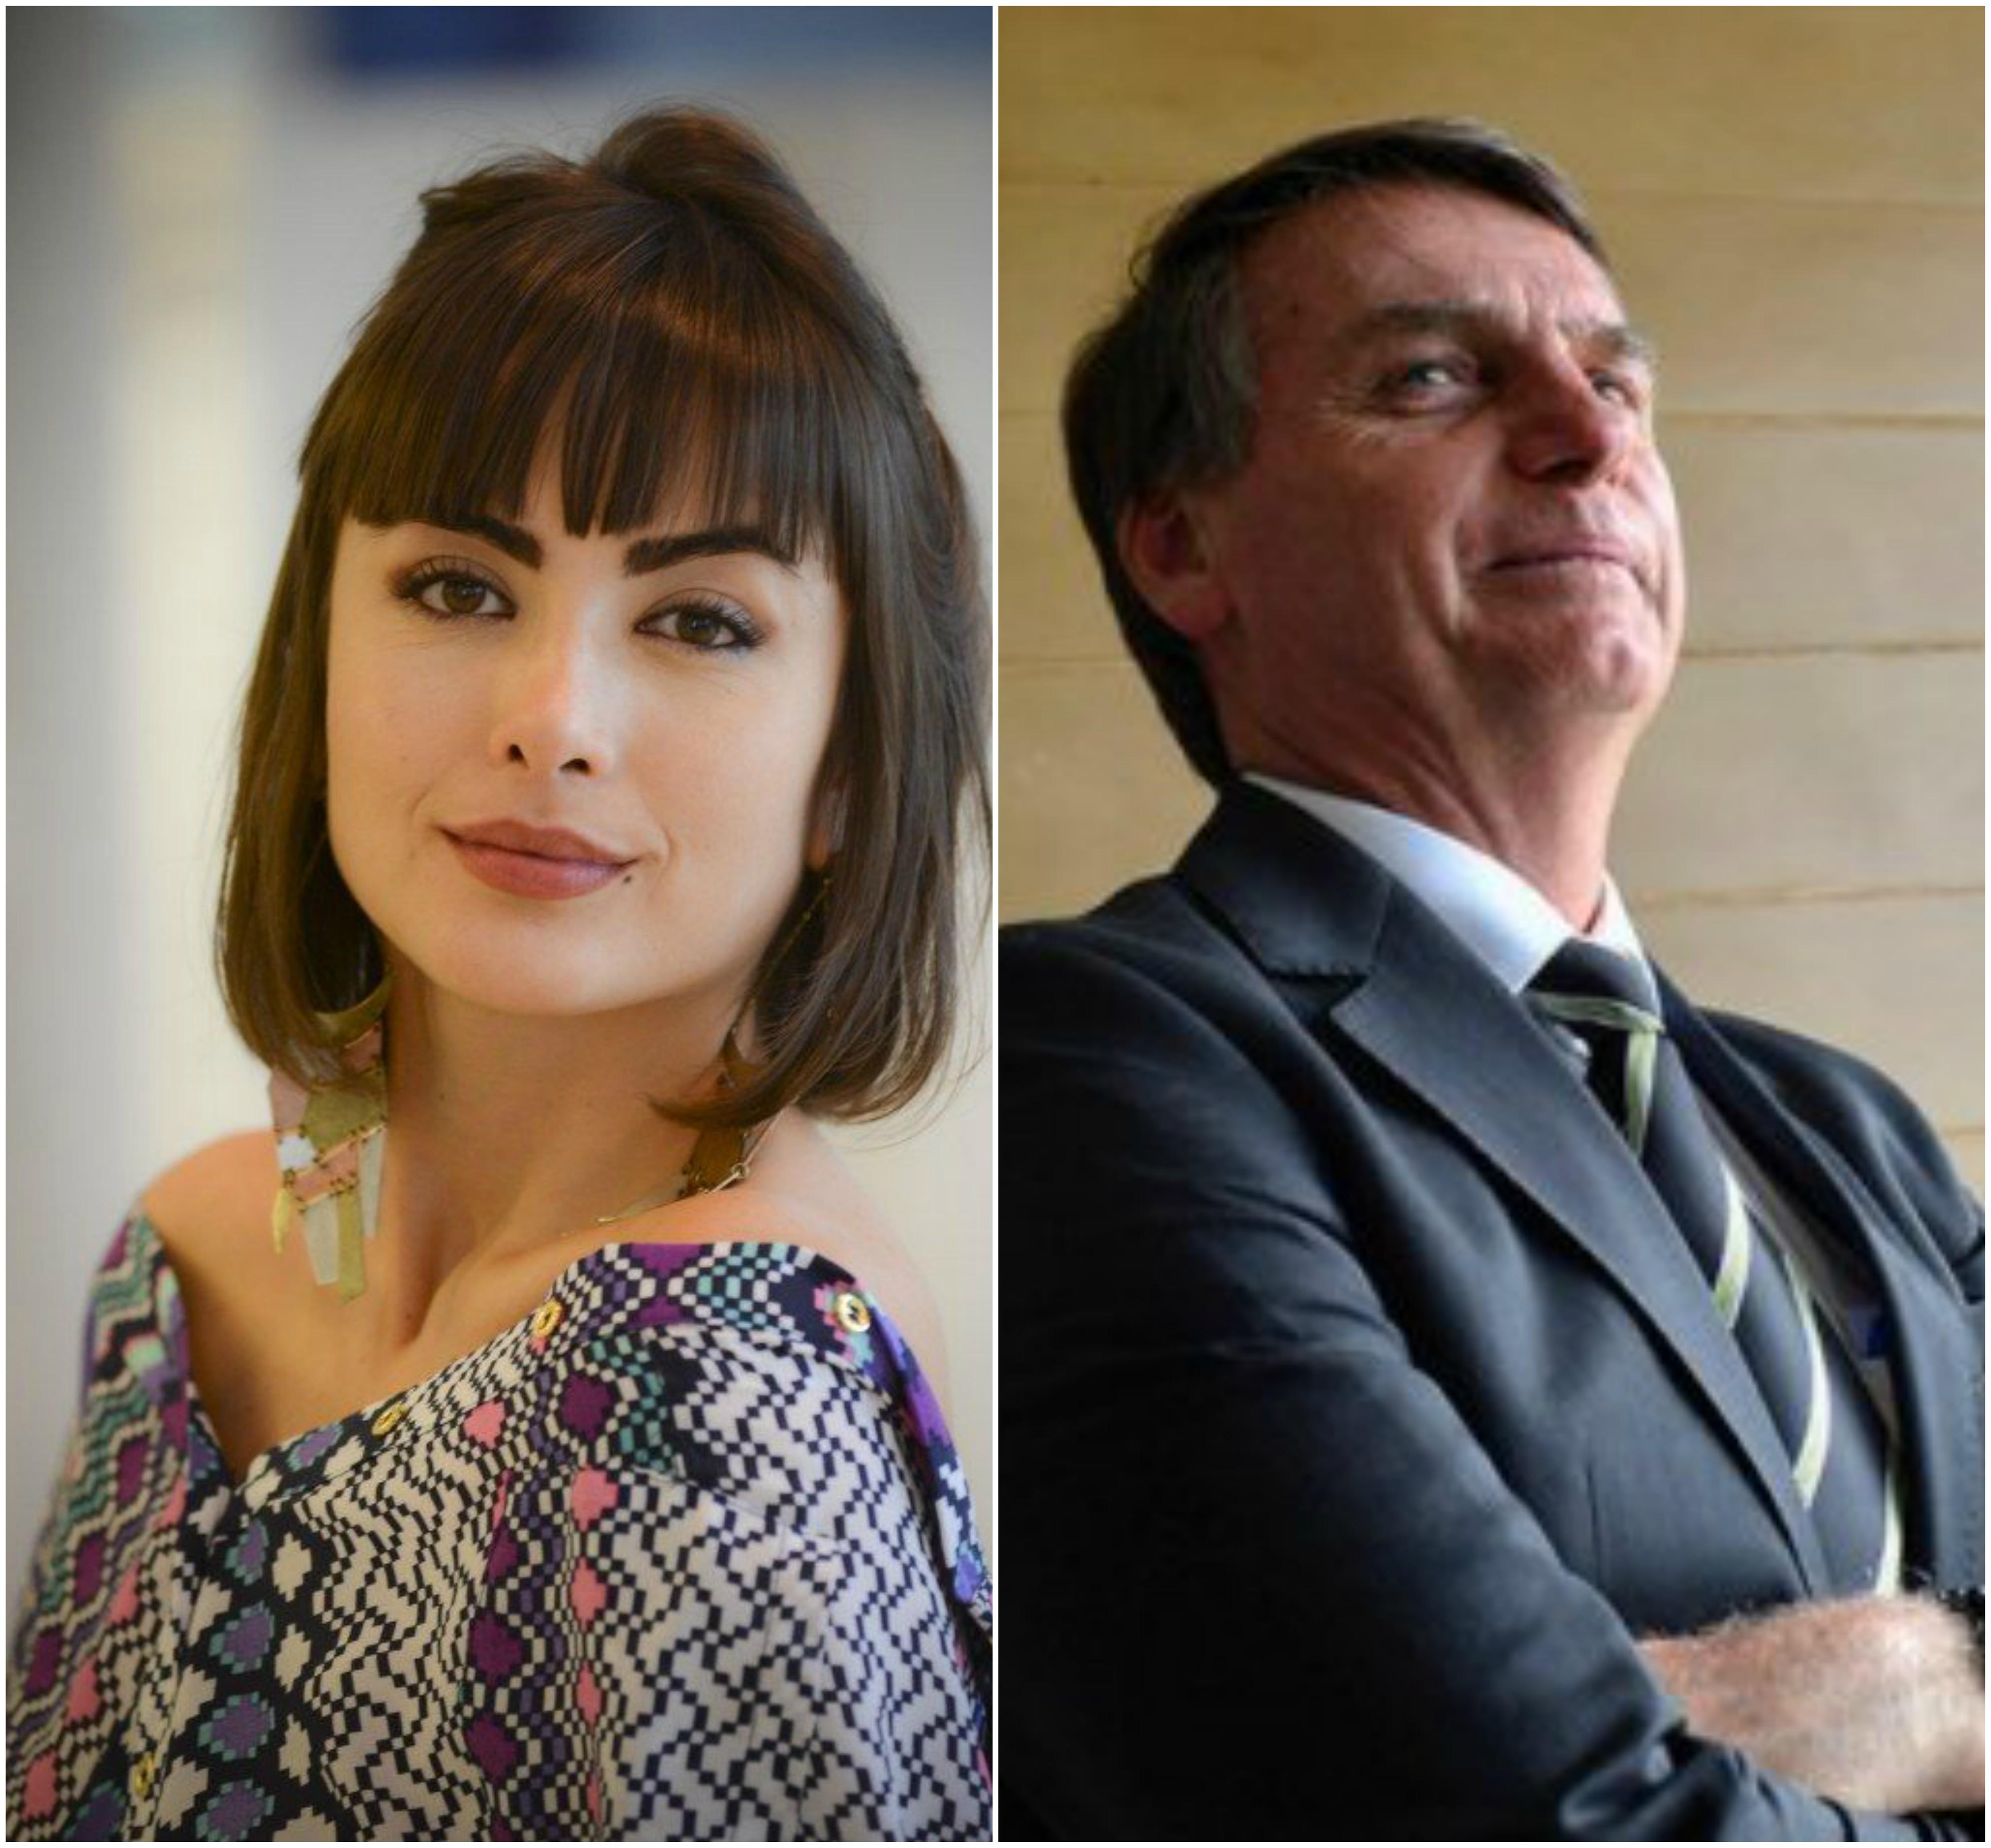 Maria Casadevall e Jair Bolsonaro (Foto: Reprodução)